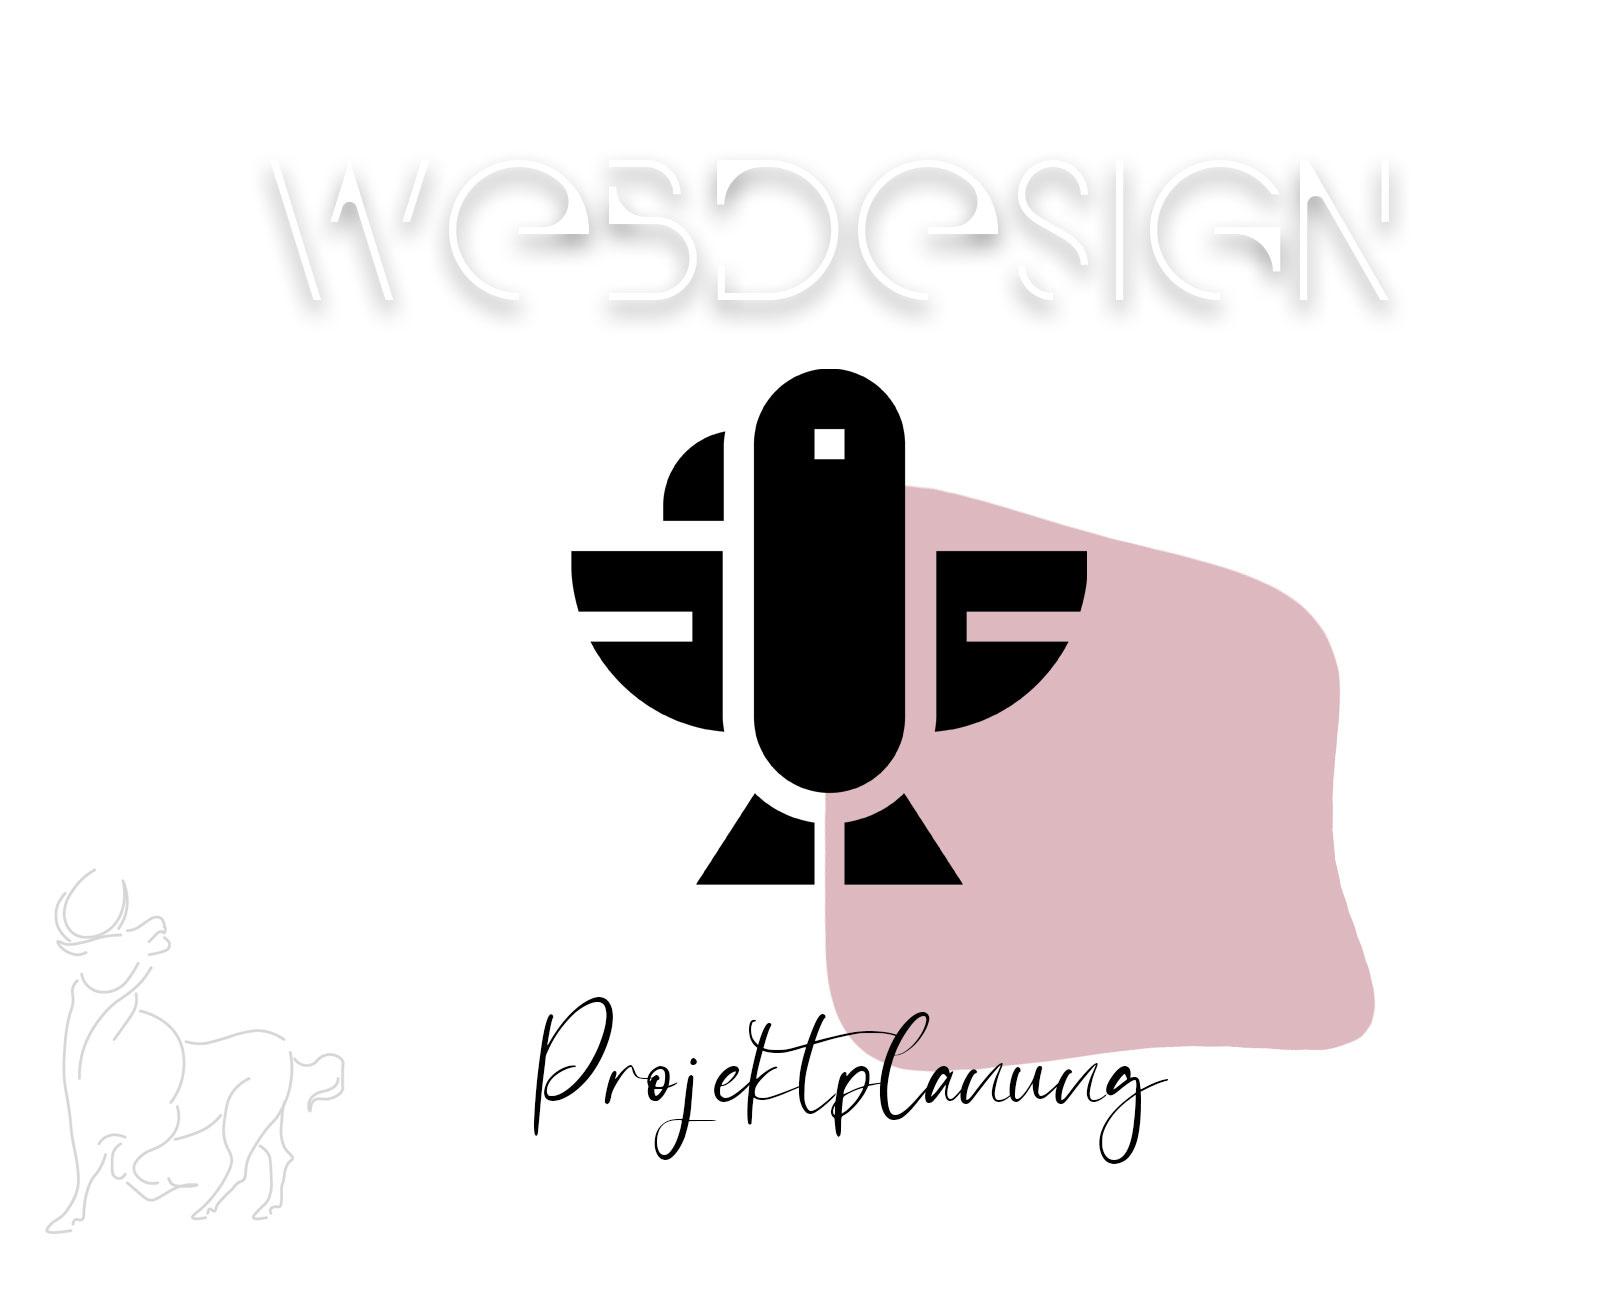 Webseite Projekt Planung - Ute Bescht : von der Skizze ins Netz